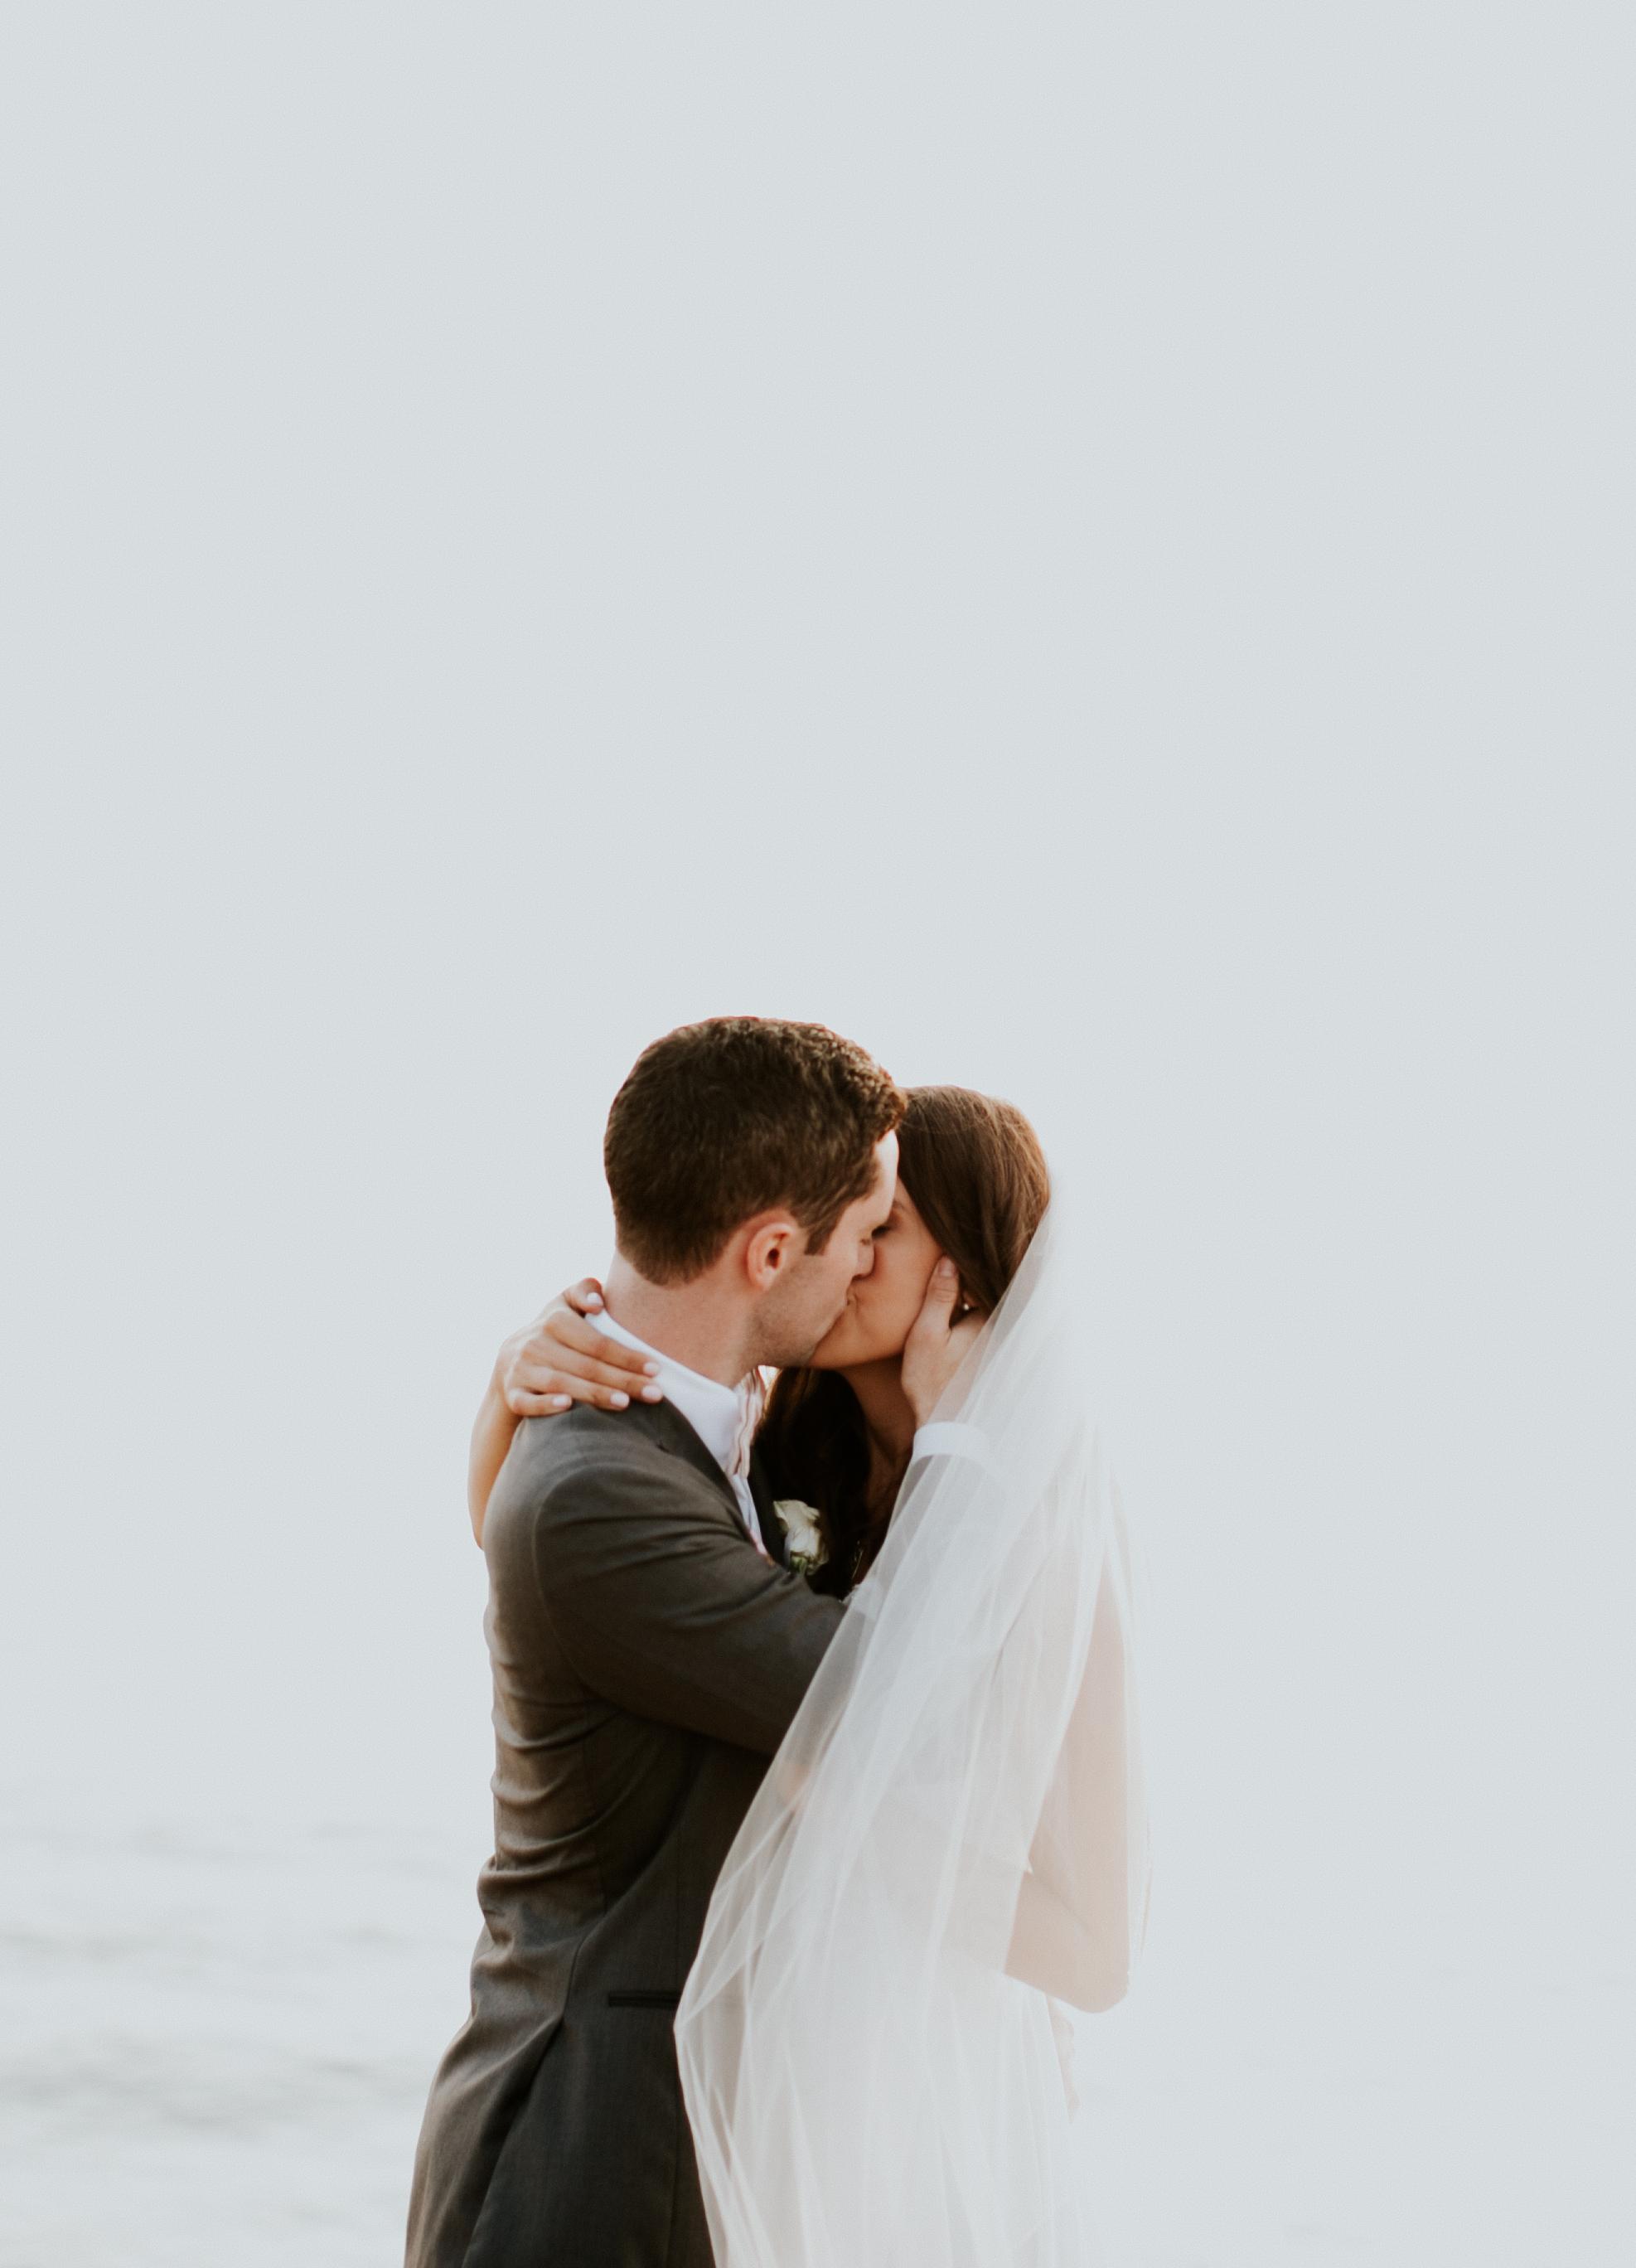 bridegroom-120.jpg